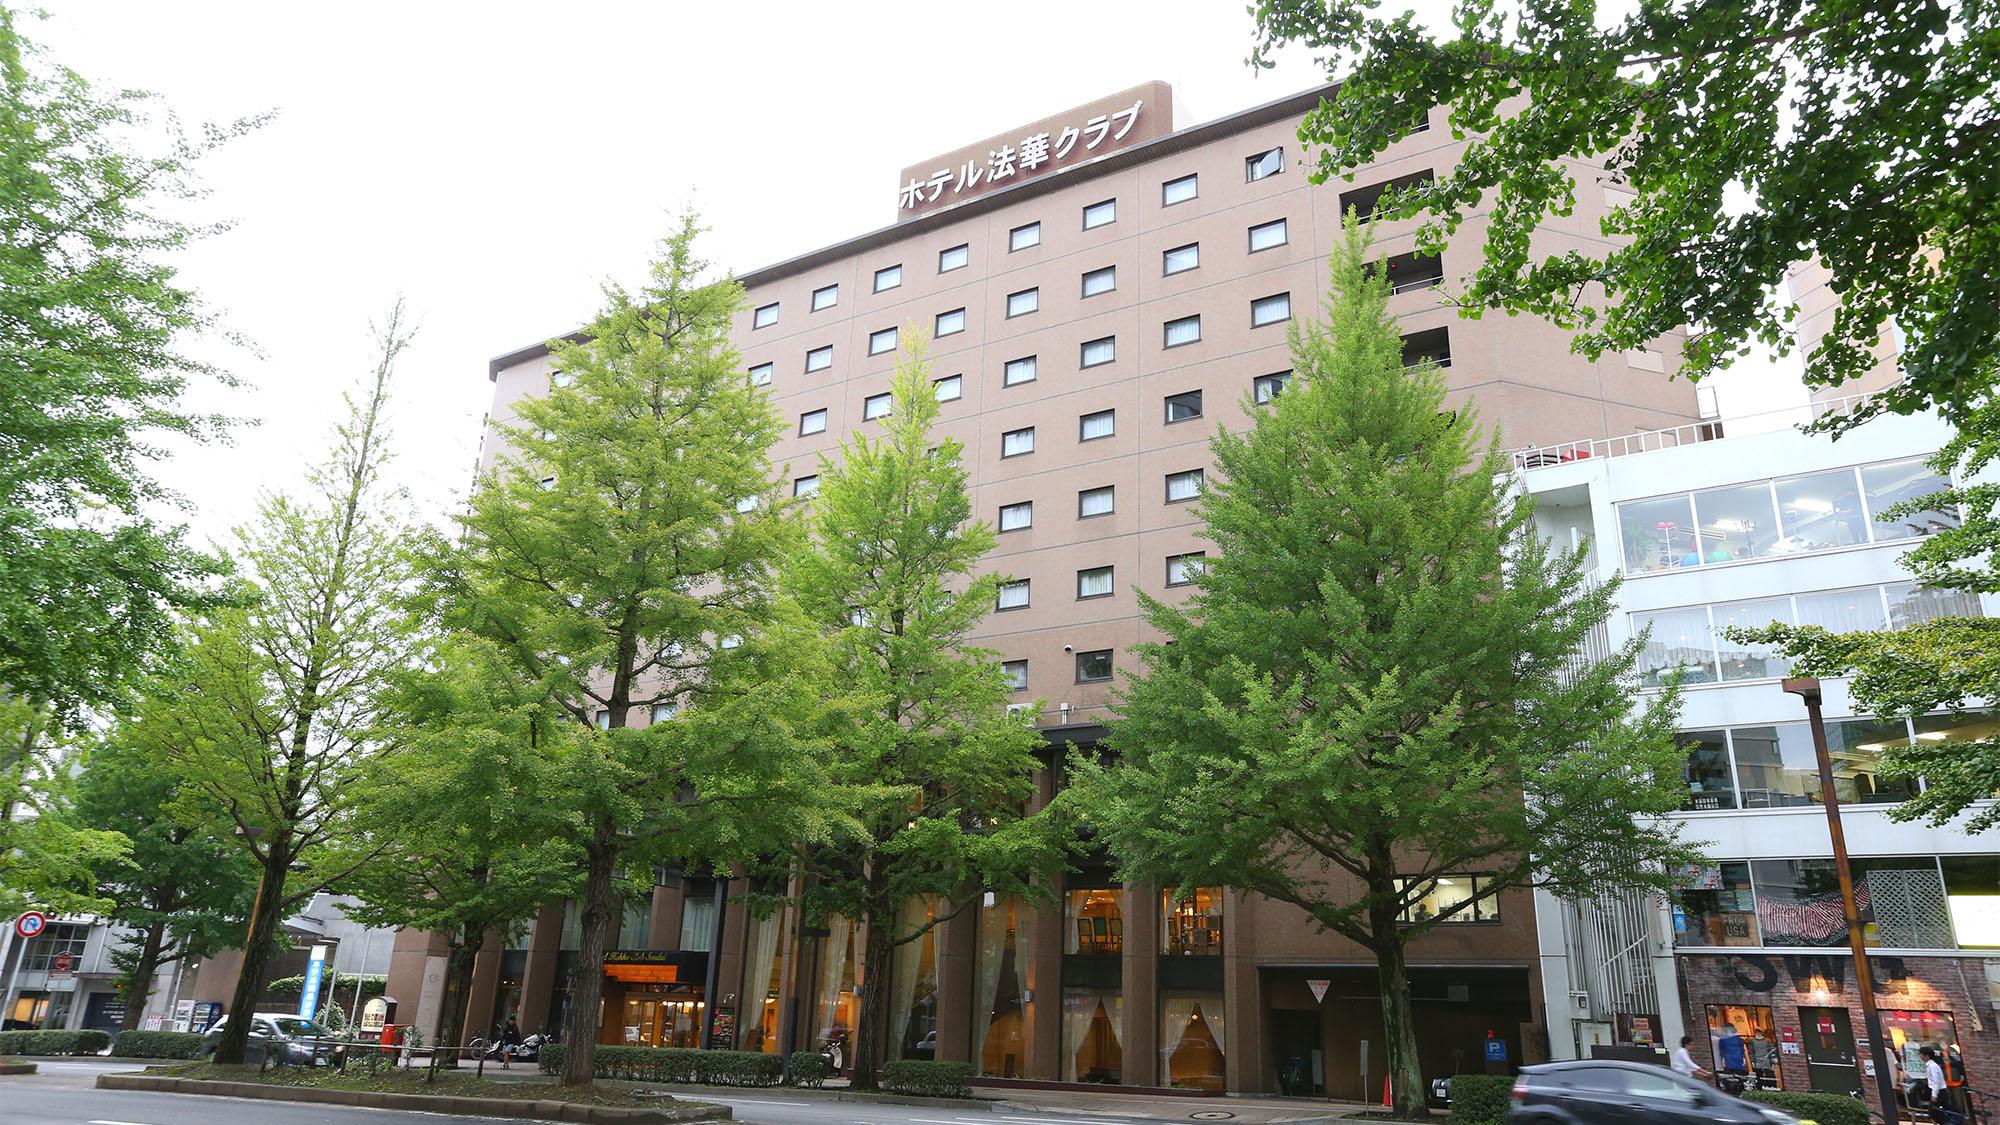 仙台空港の翌日のフライトの前泊に便利なホテル